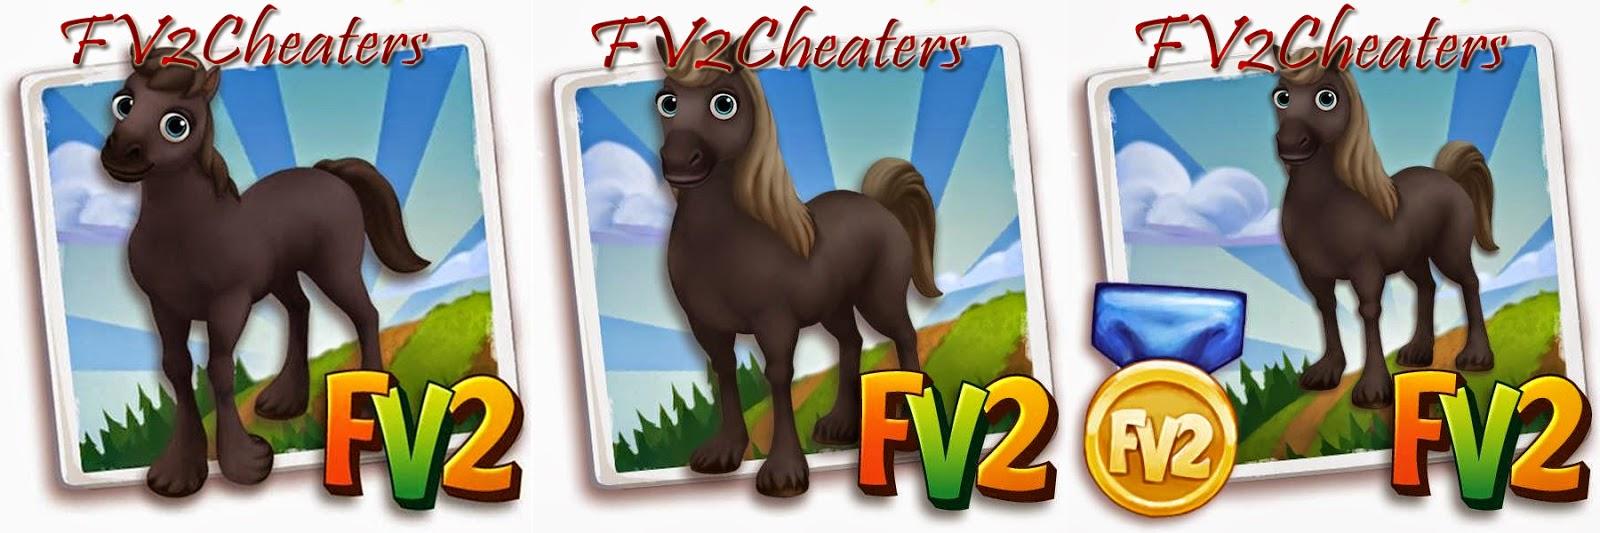 Farmville 2 Cheaters Farmville 2 Cheat Code For Black